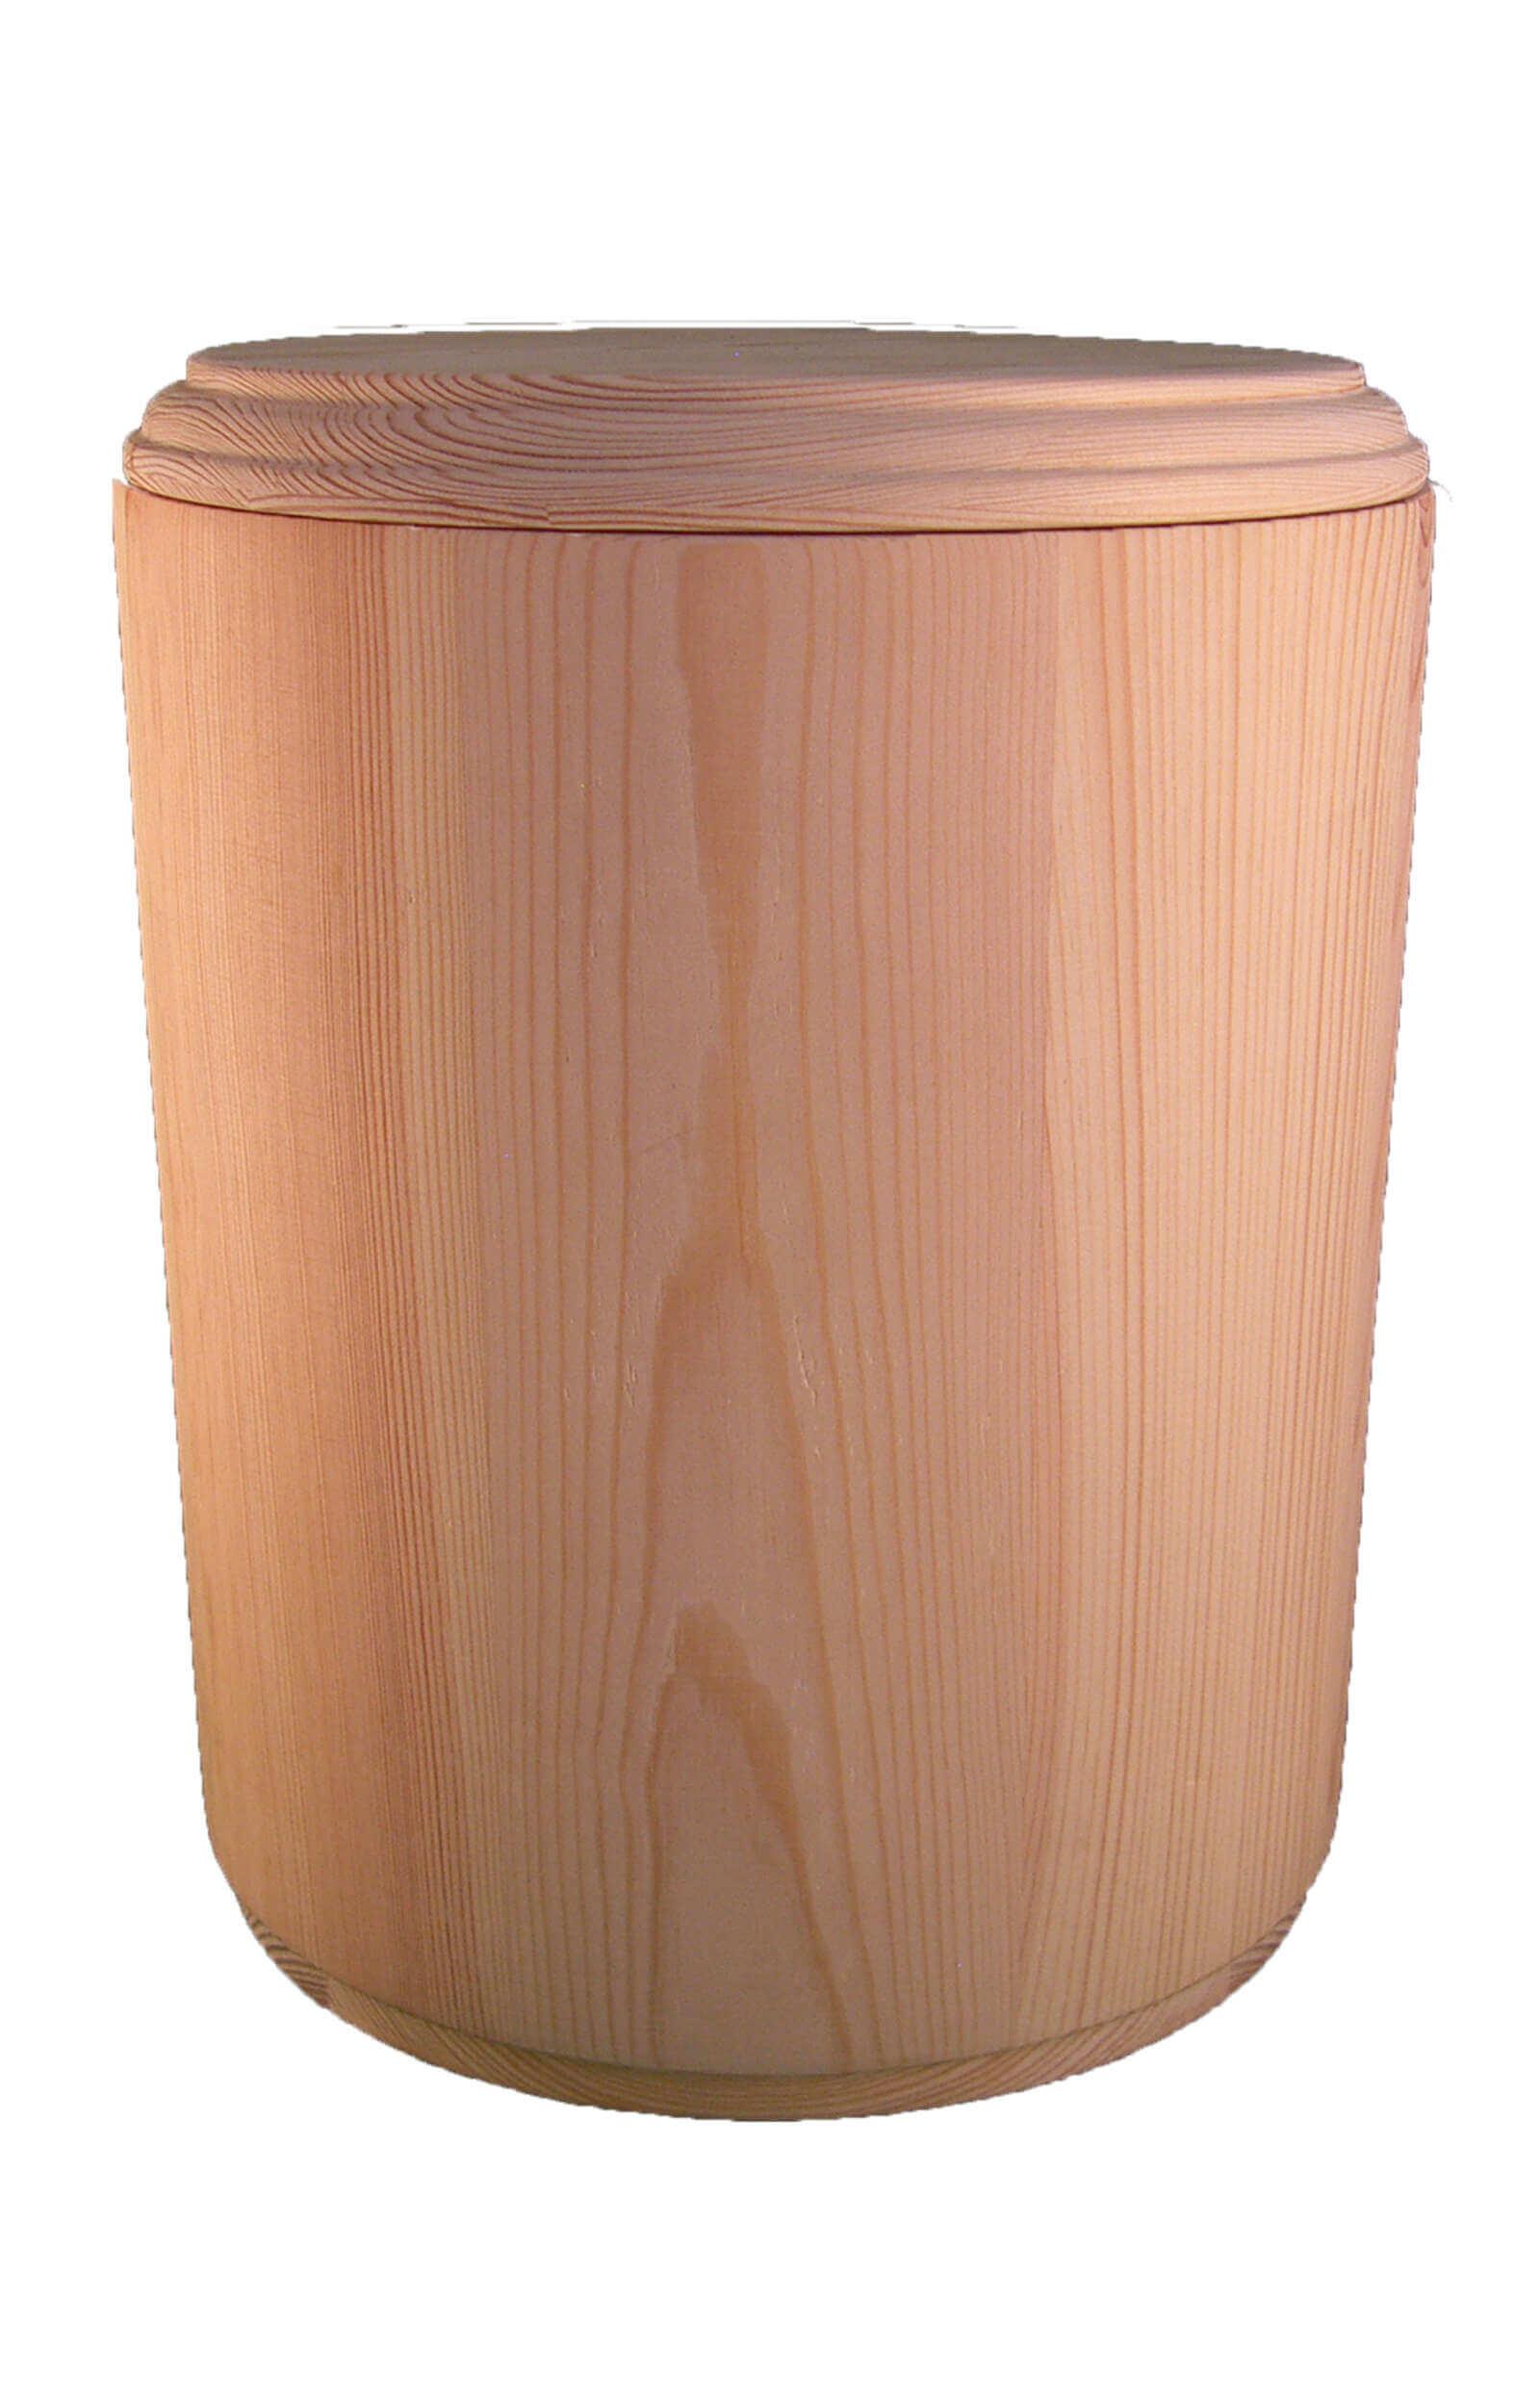 en H1809C wooden funeral urn biodigradable